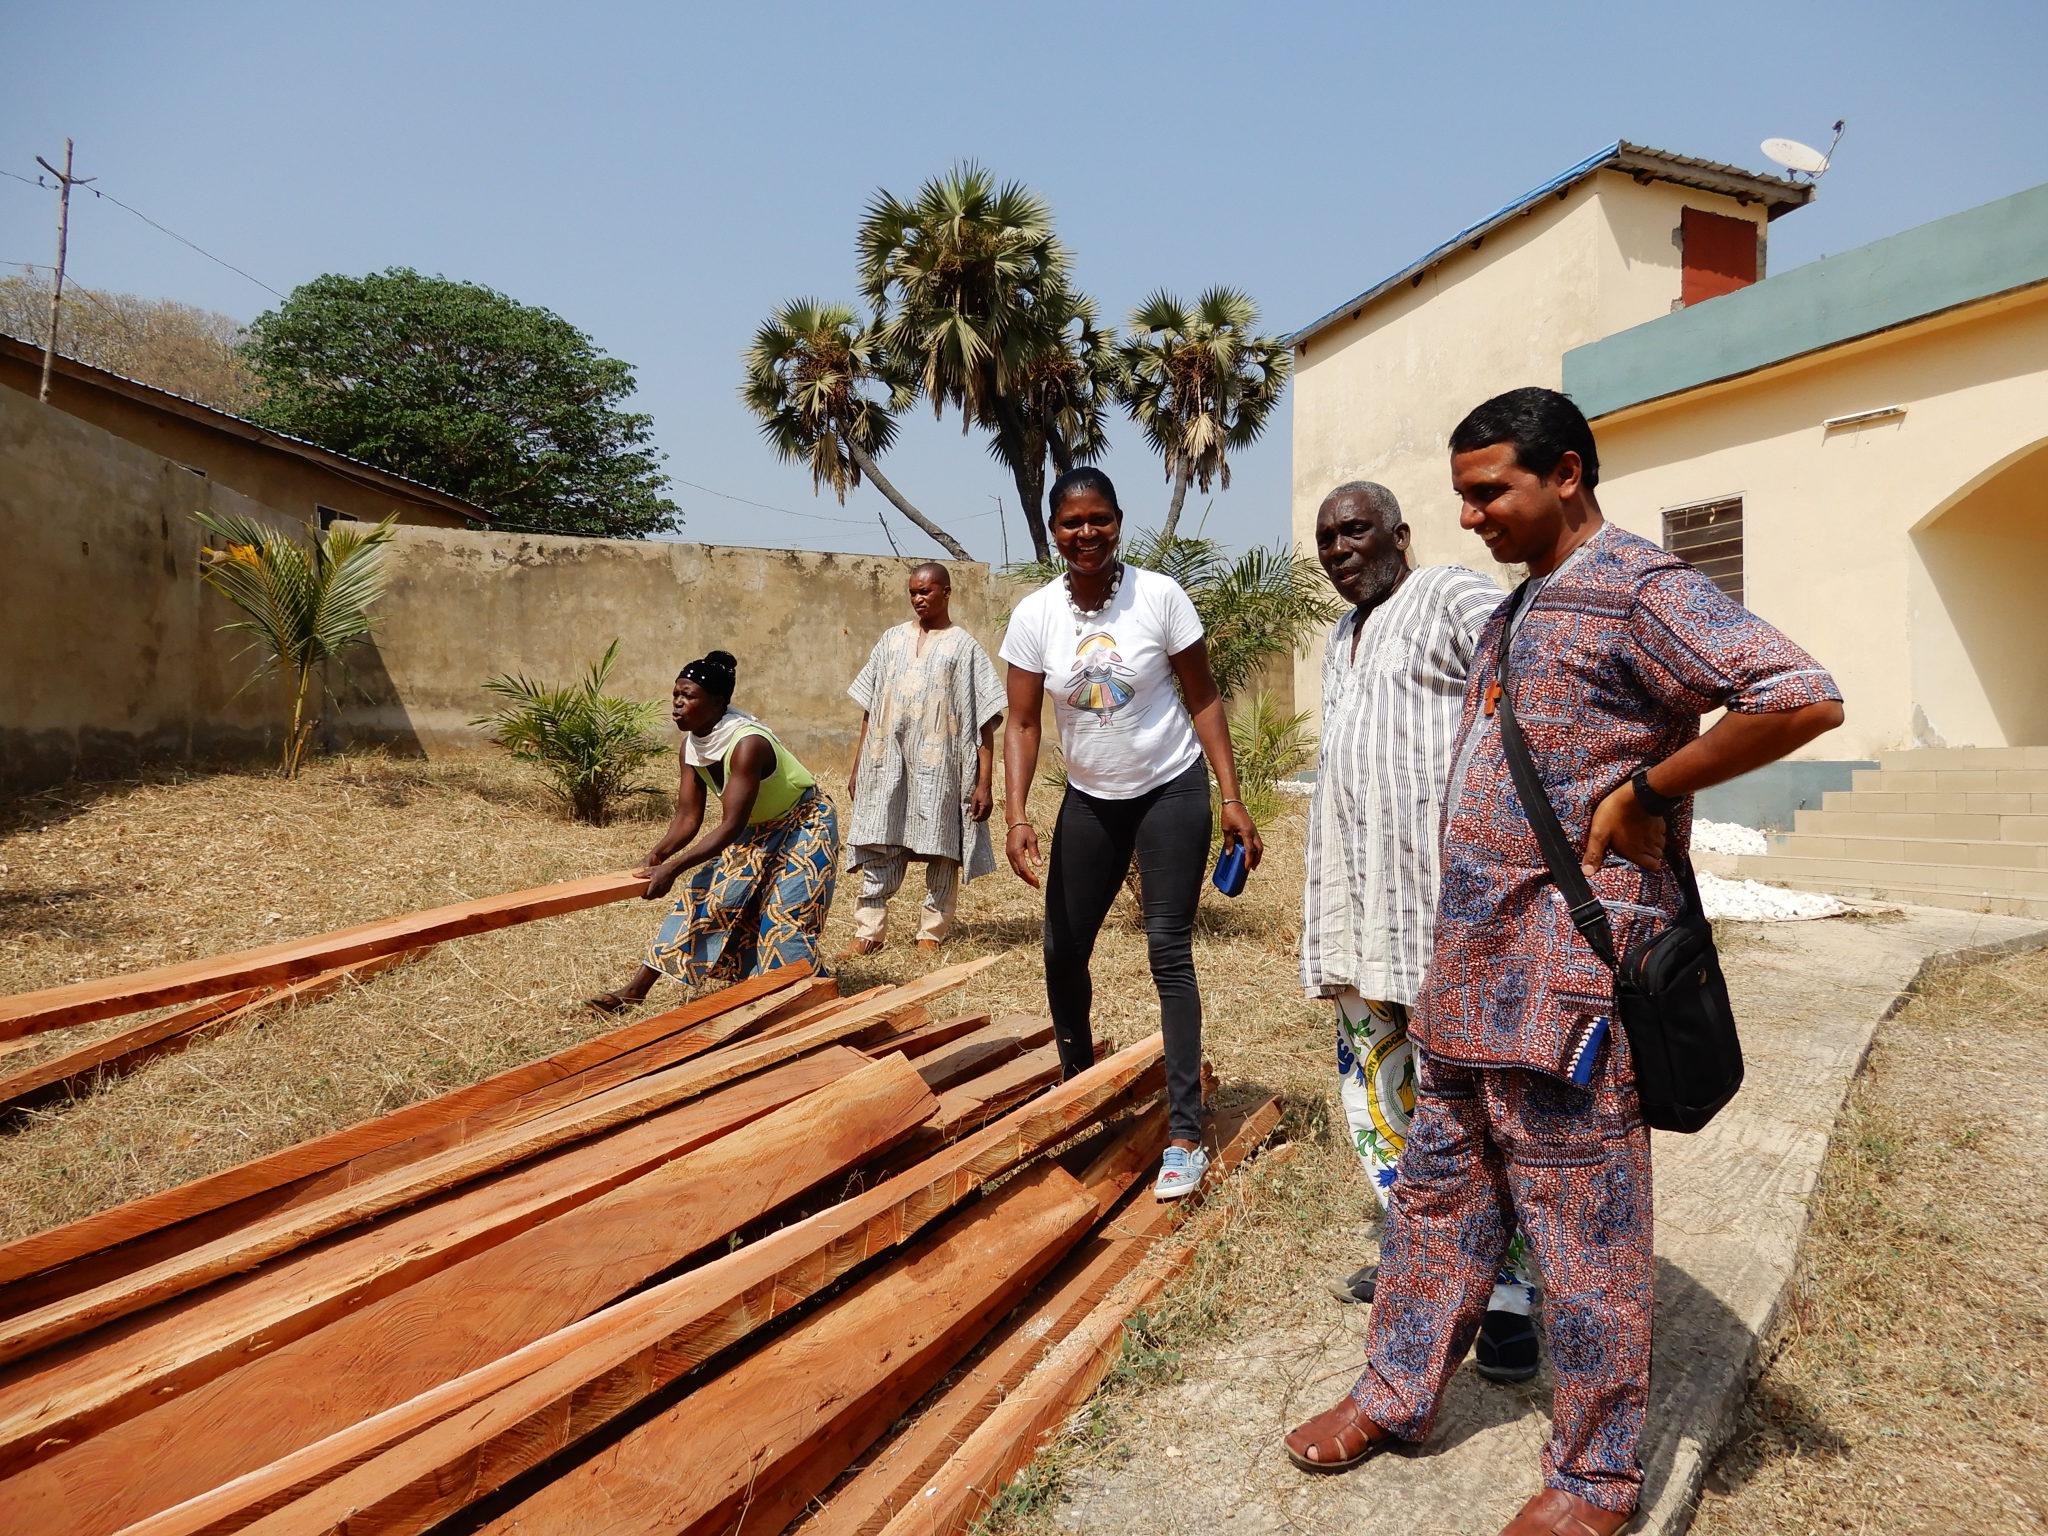 Drewno jest najdroższym z materiałów budowlanych. Dlatego to, które posłużyło za więźbę dachową nowego budynku, było przechowywane w otoczonej murem posesji należącej zamożnego mieszkańca Bassar. Pierwszy z prawej stoi hinduski duchowny, który z ramienia zgromadzenia księży werbistów doglądał budowy.